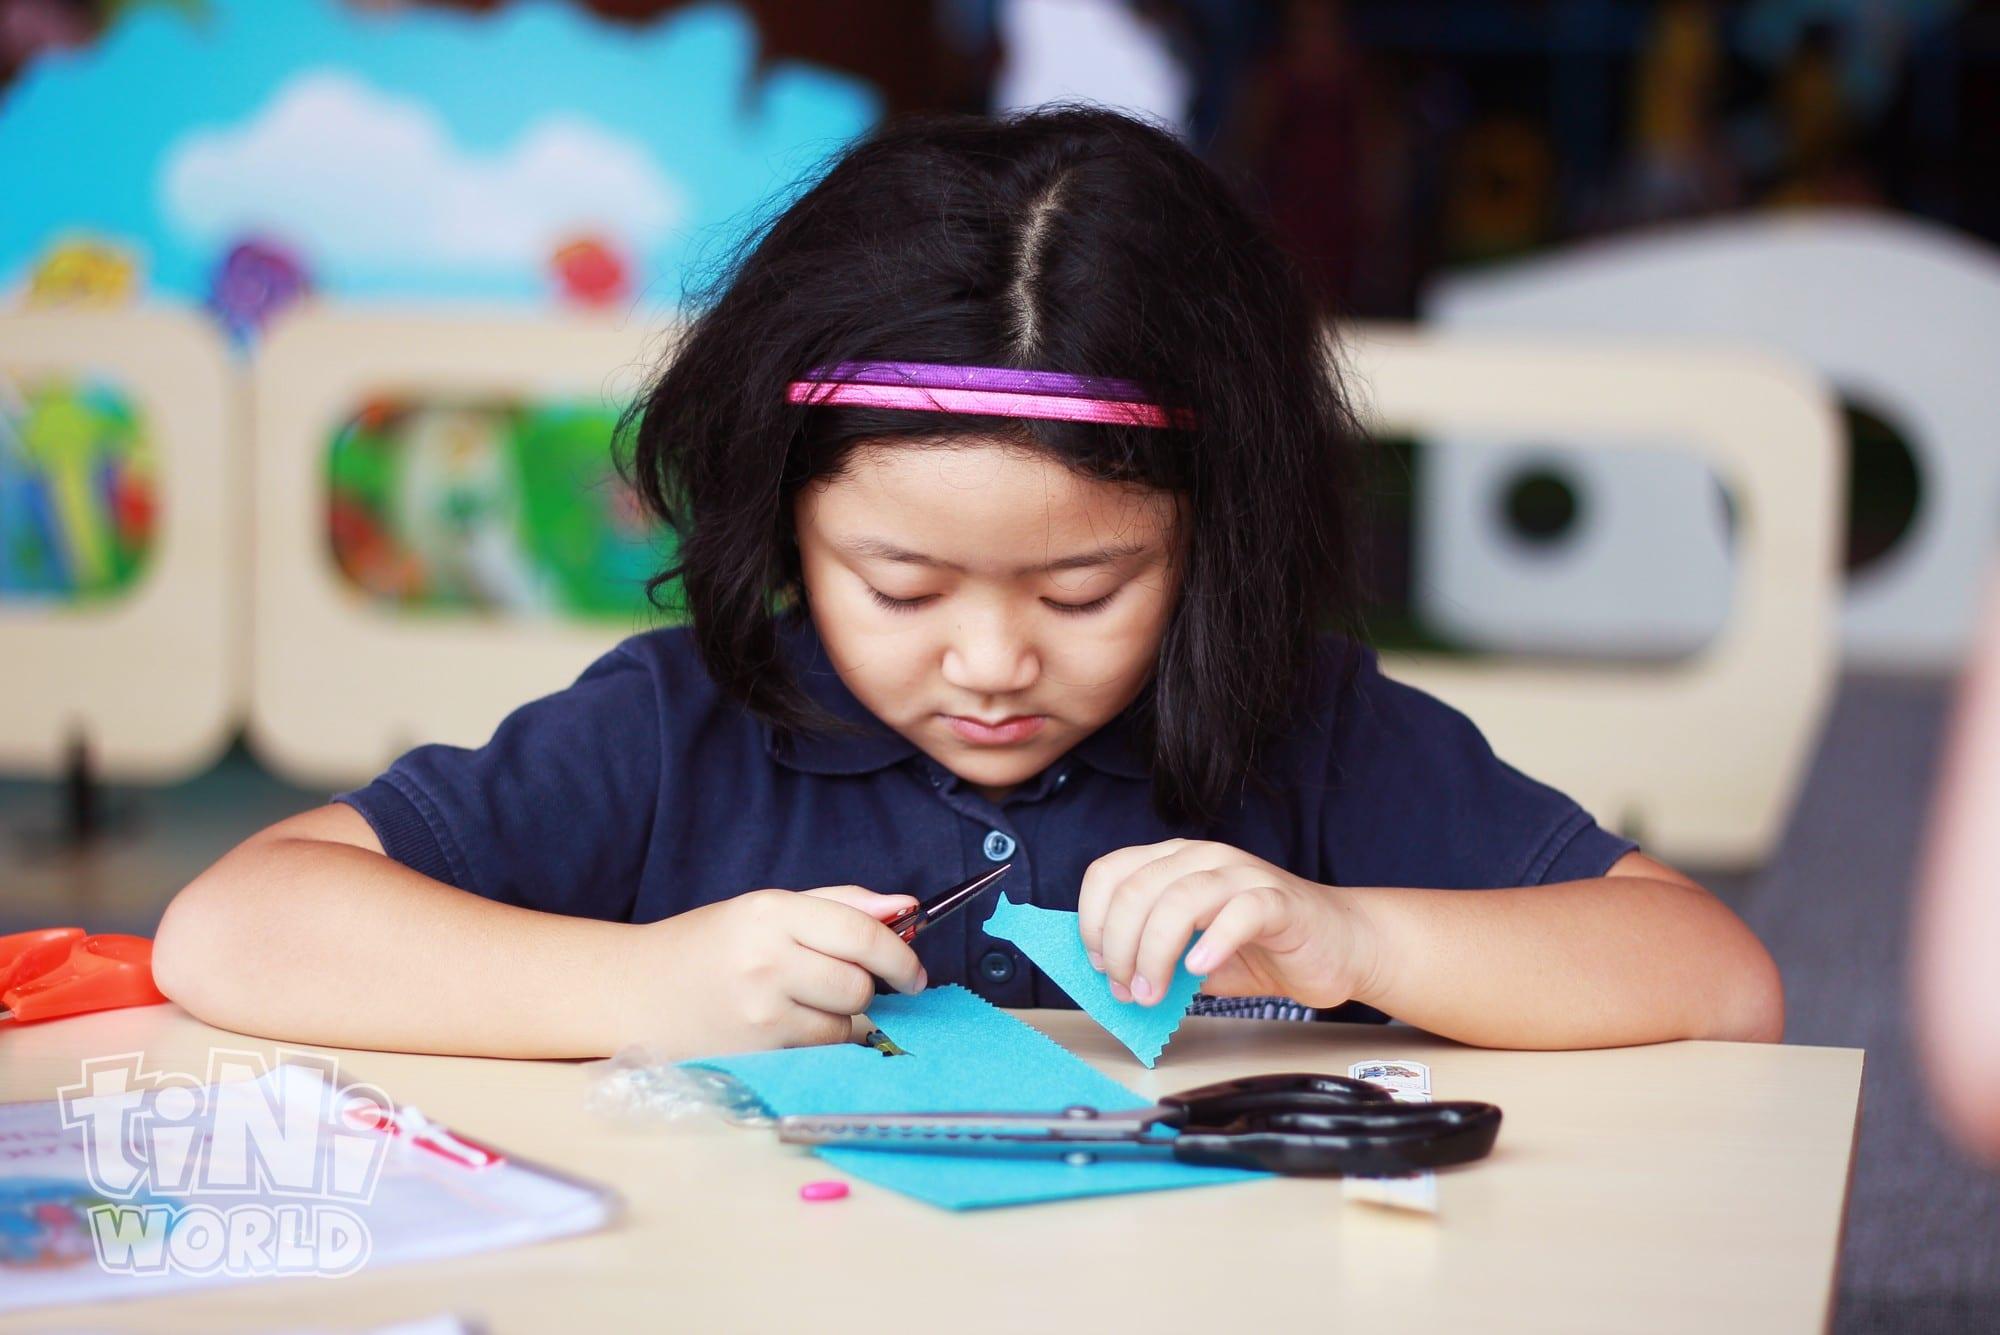 girl crafting tiNiWorld vietnam